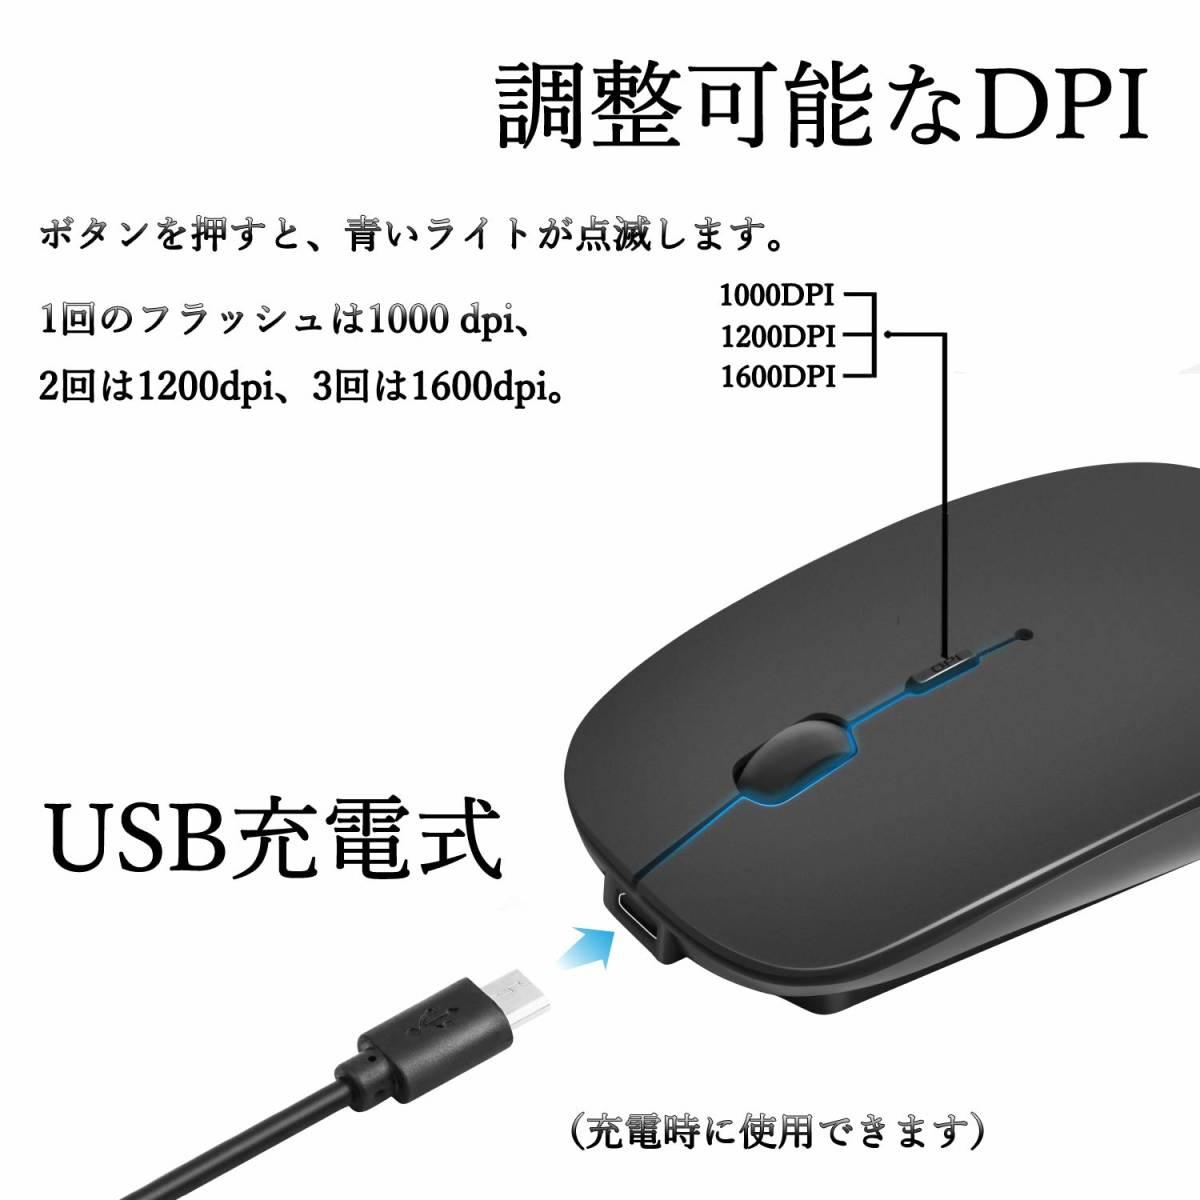 マウスワイヤレス 無線 マウス Bluetooth Windows 10 Mac 対応 マックブック_画像4